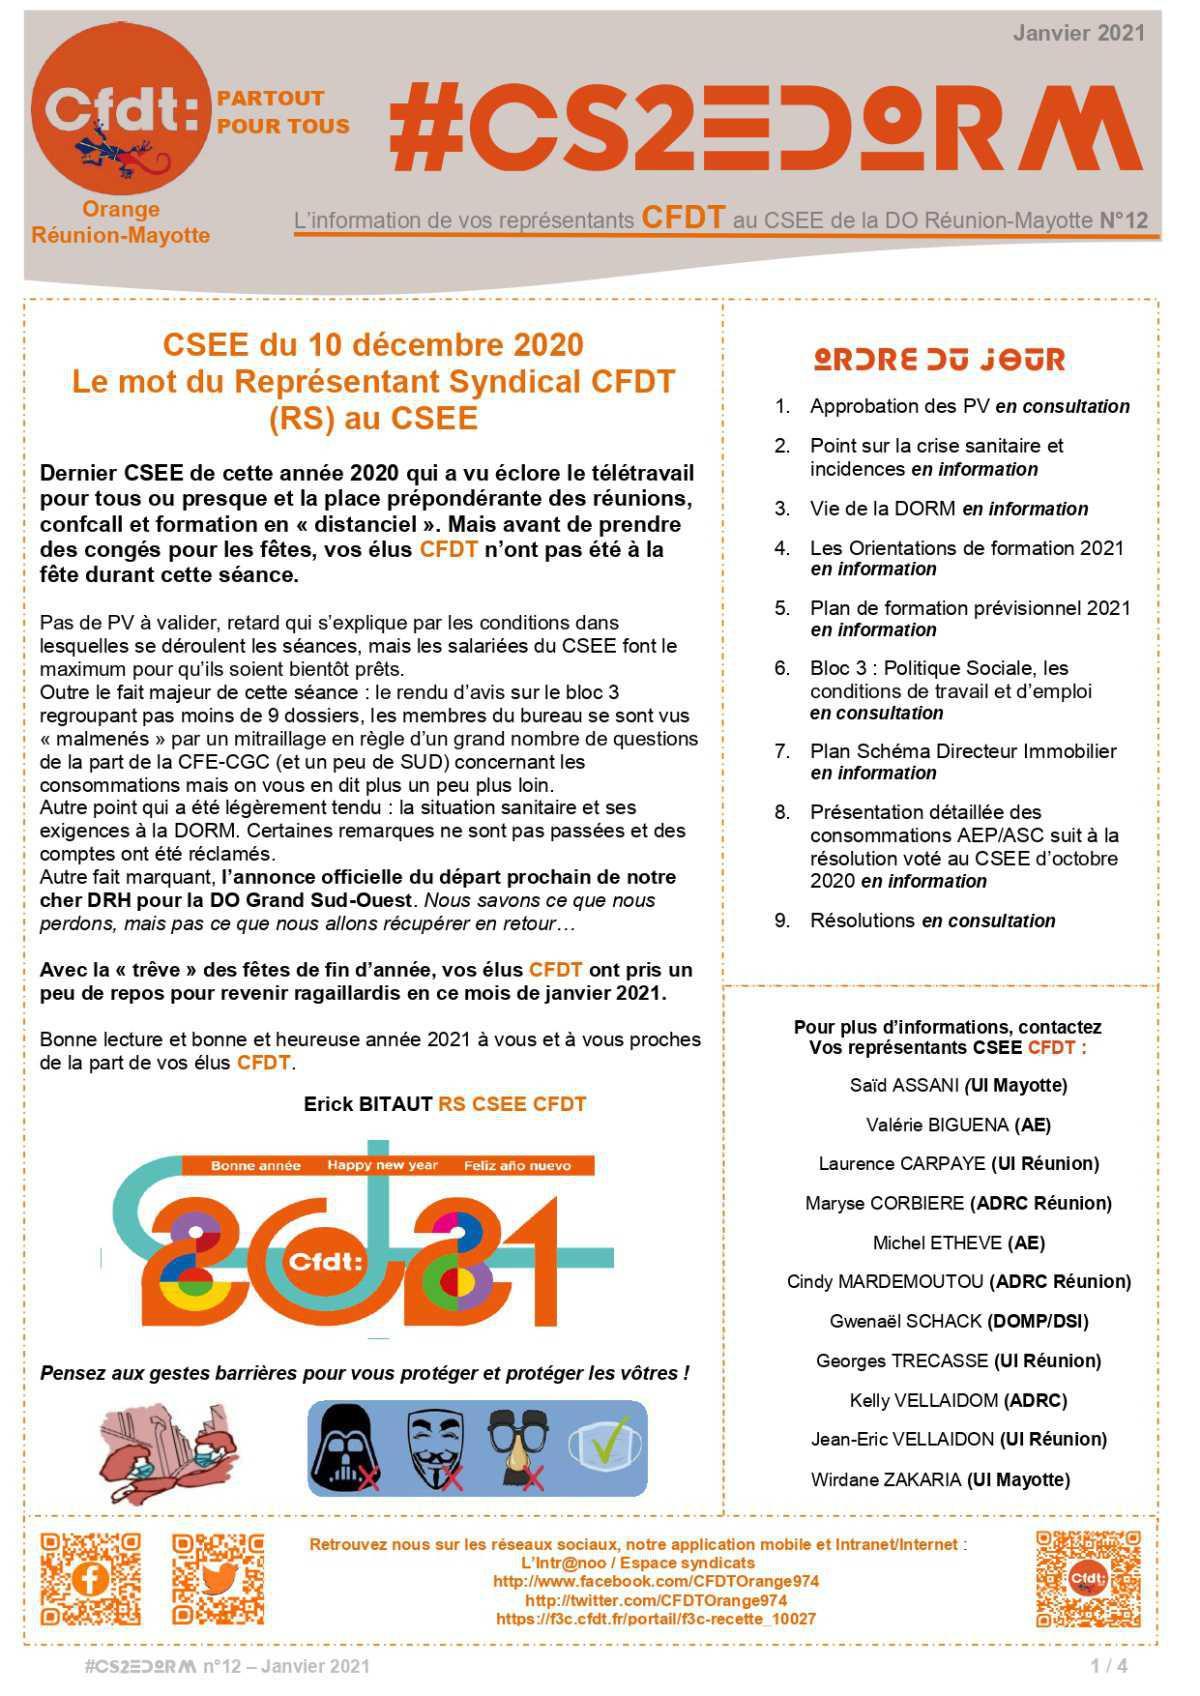 #CS2EDORM n°12 - dernier CSEE de 2020